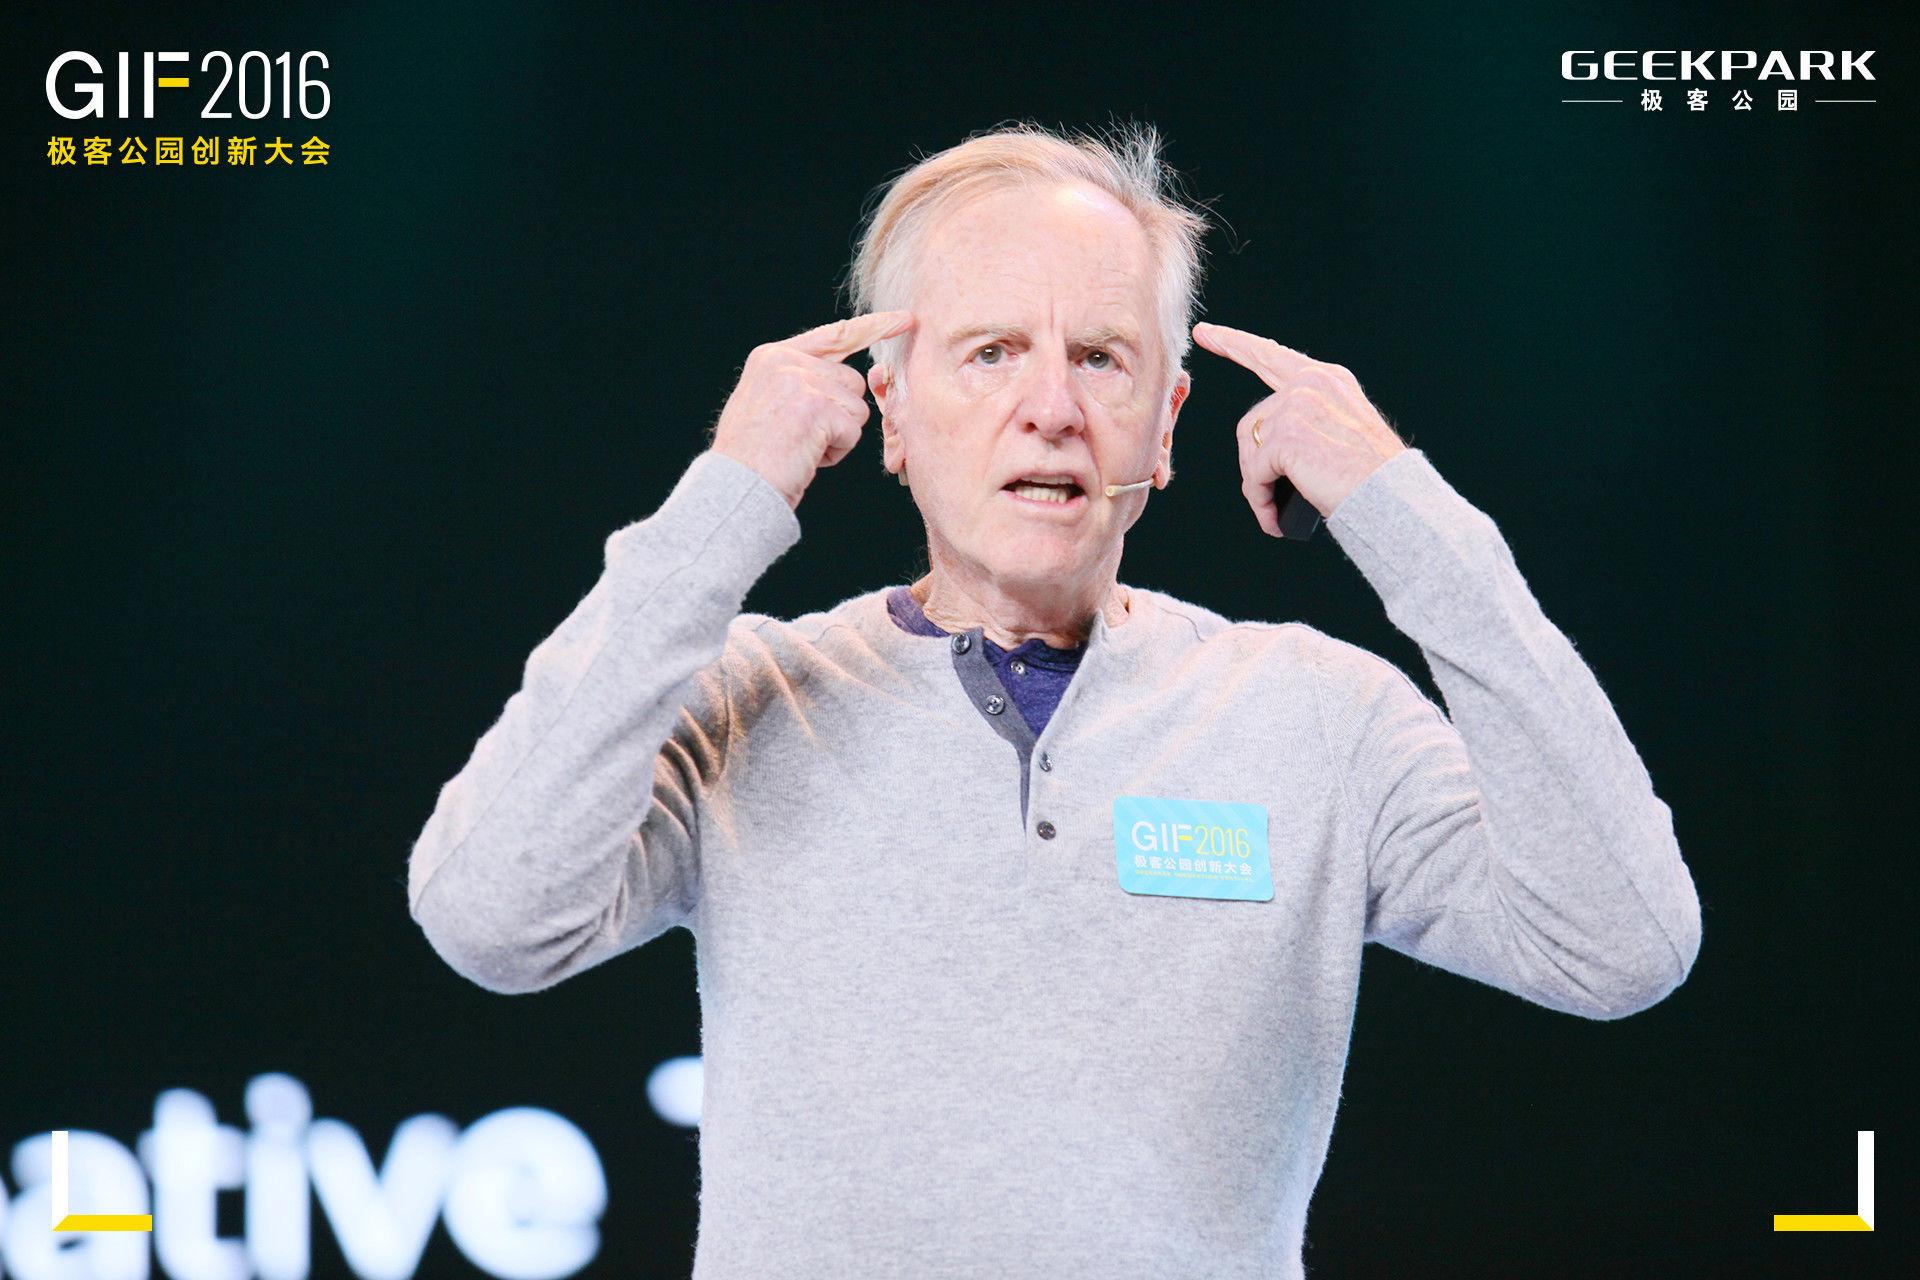 曾「炒掉」乔布斯,也是李开复最初的老板,关于硅谷风云三十年,他有哪些鲜为人知的故事?